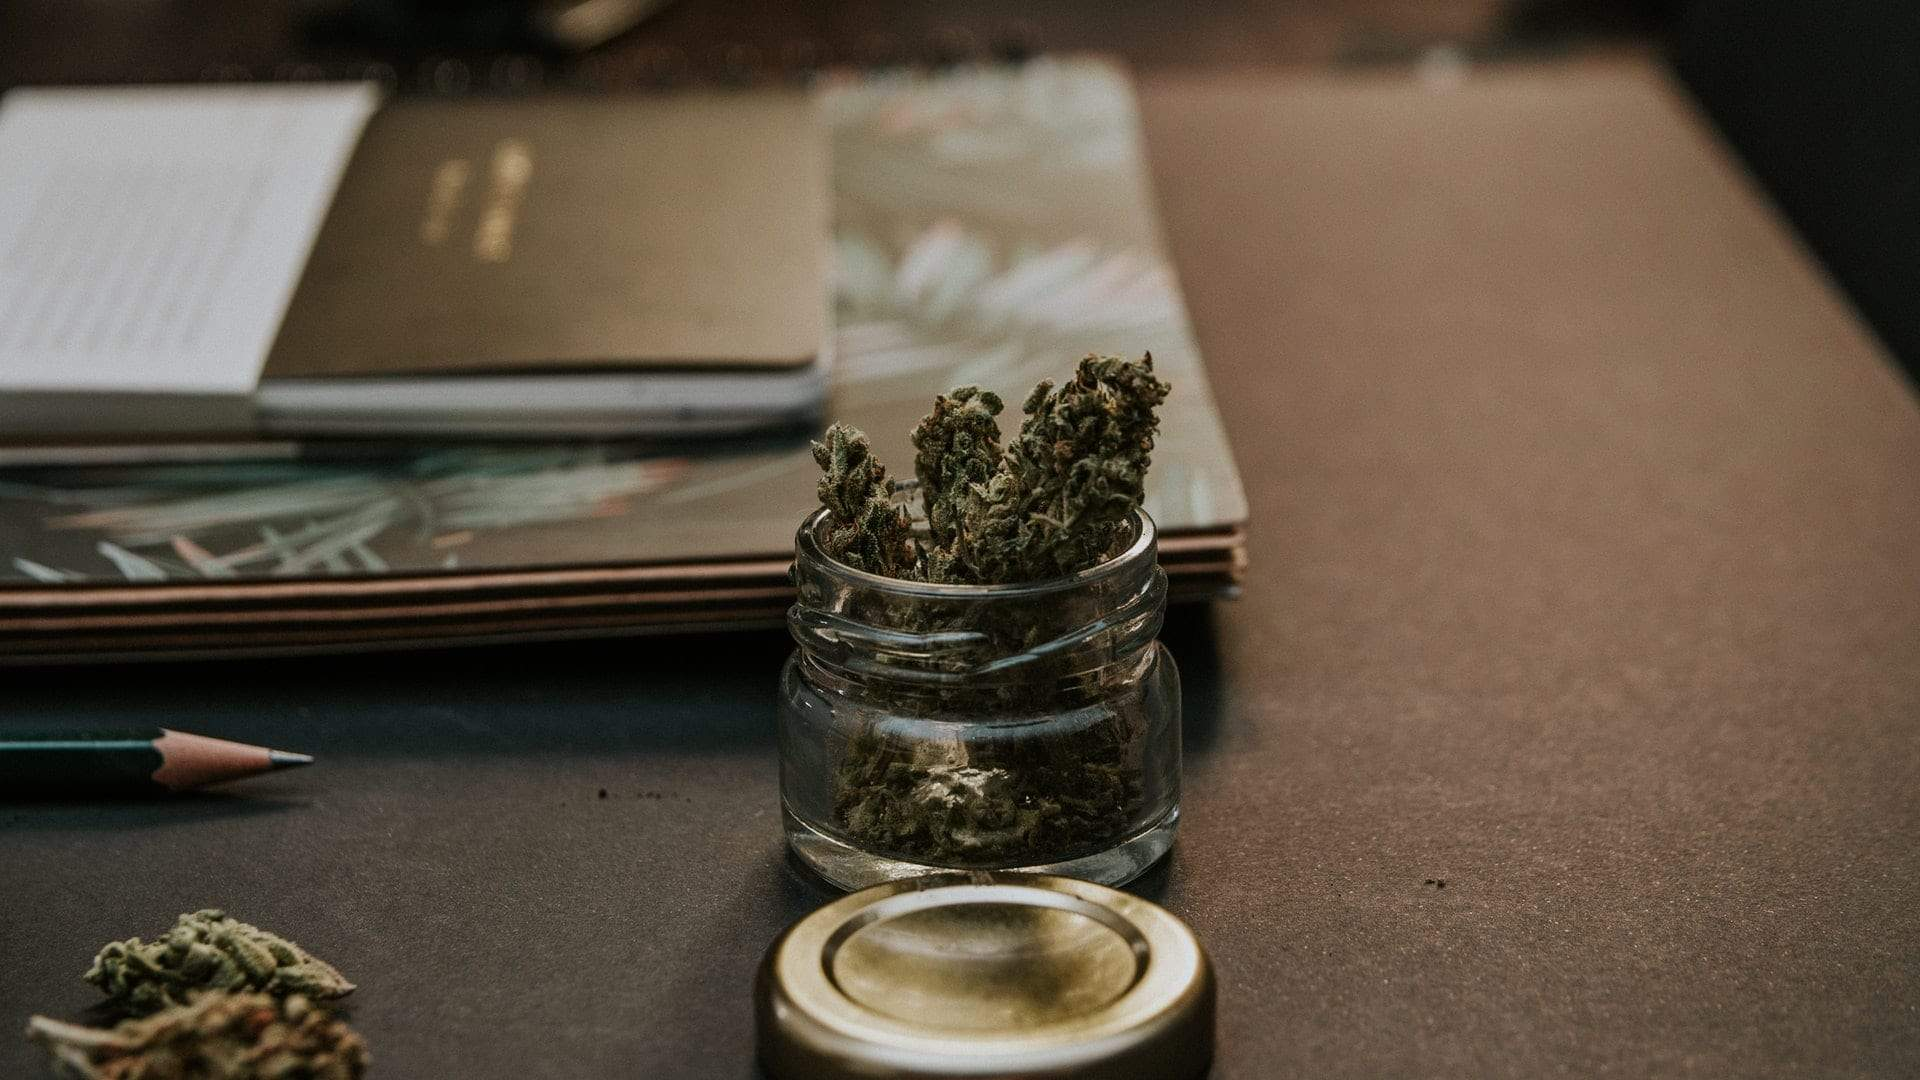 Cannabis buds in a jar on a desk